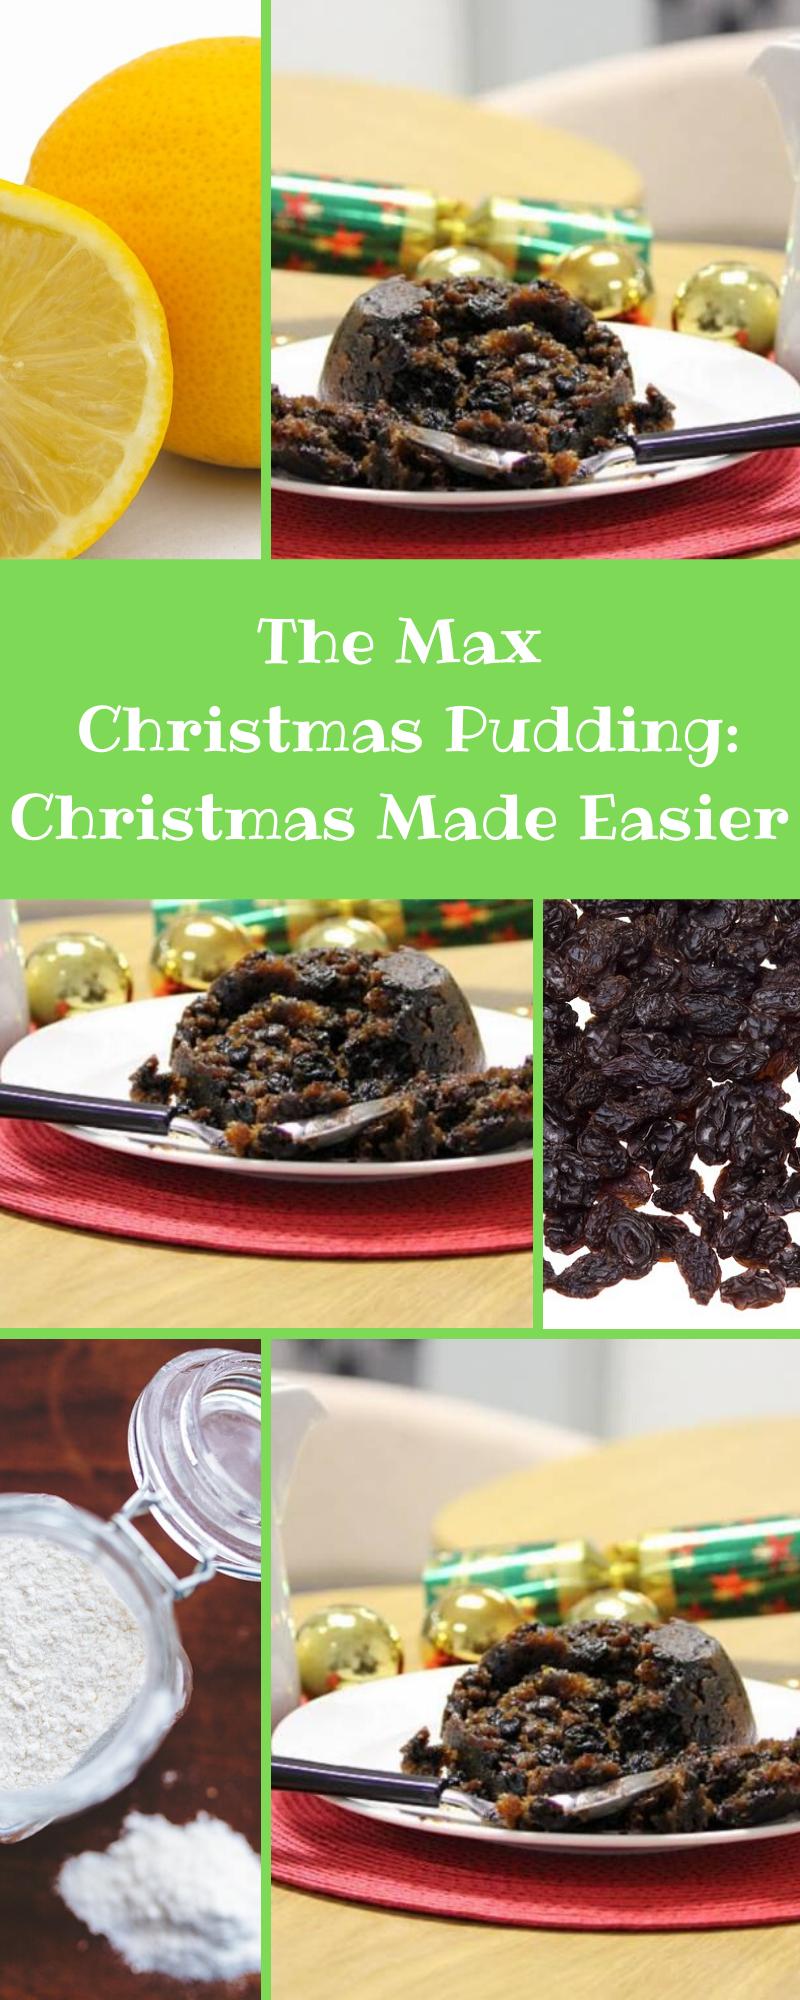 The Max Christmas Pudding: Christmas Made Easier